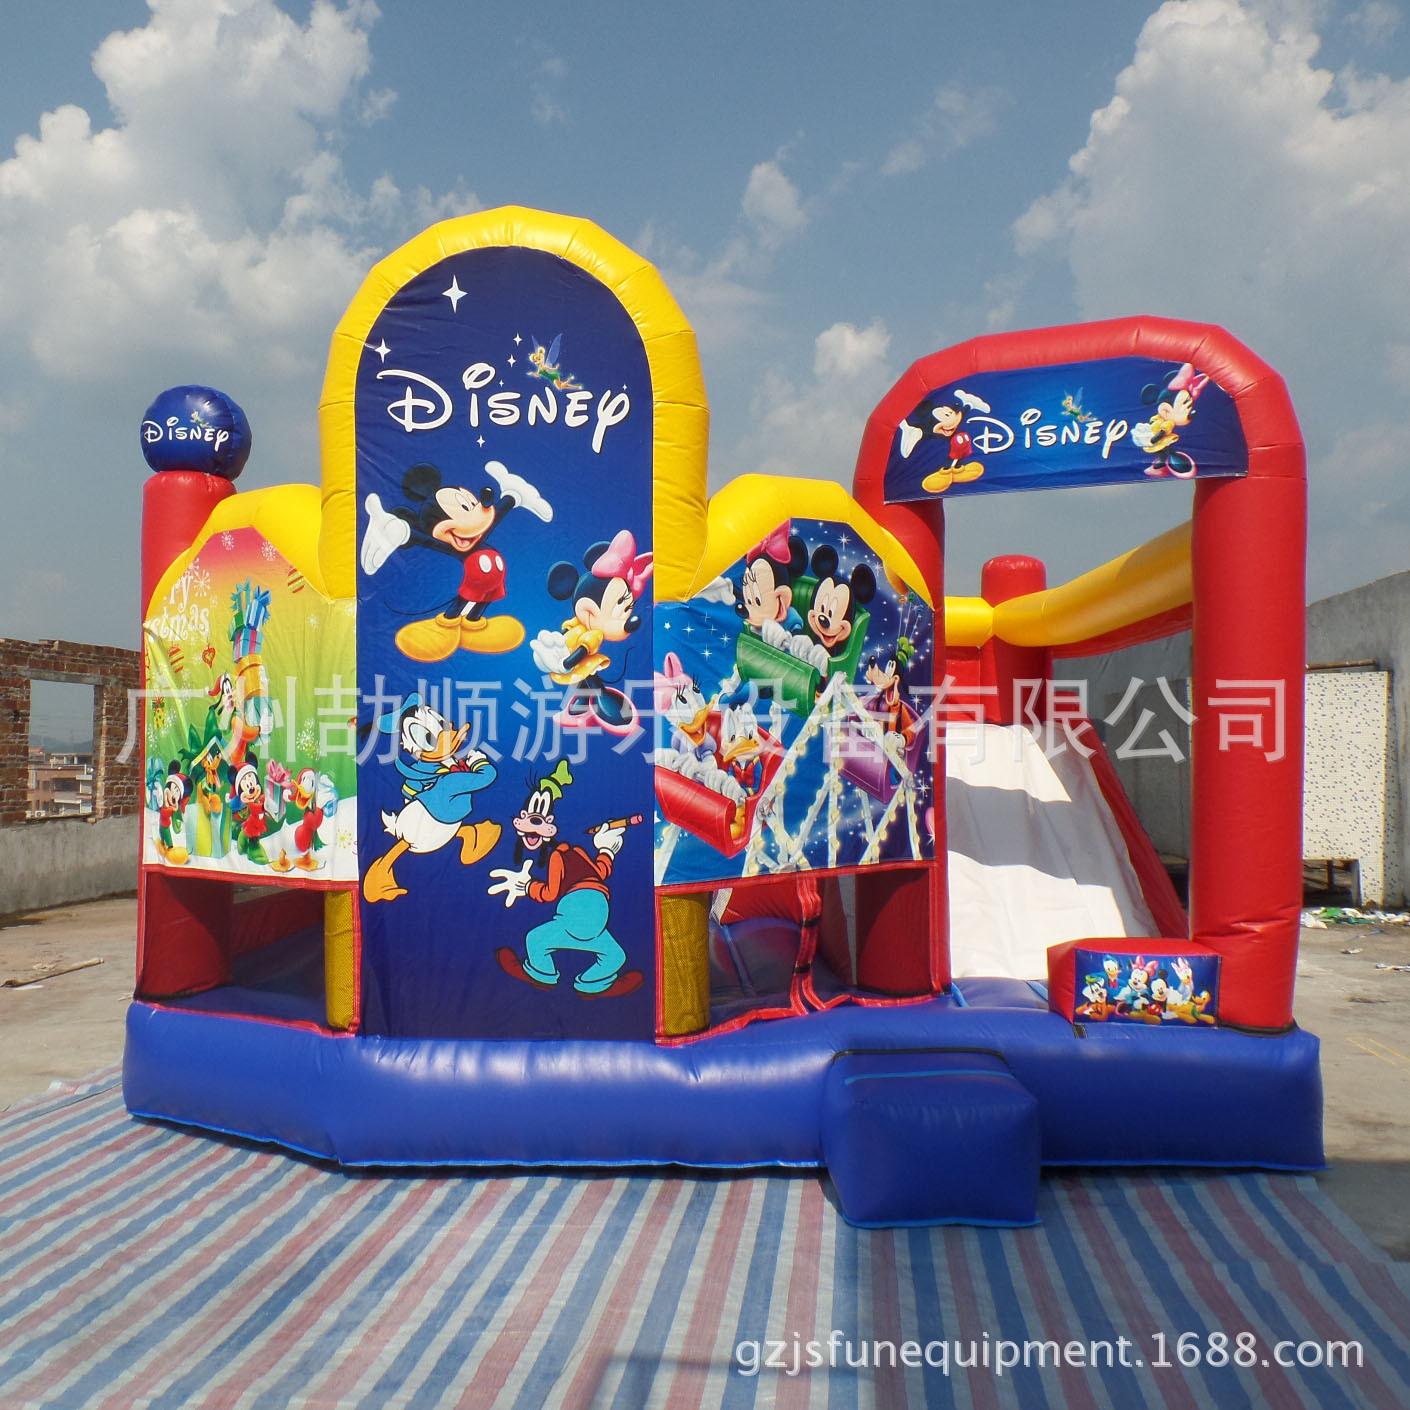 米奇老鼠卡通充气蹦蹦床 PVC儿童充气滑梯组合室内外充气跳床